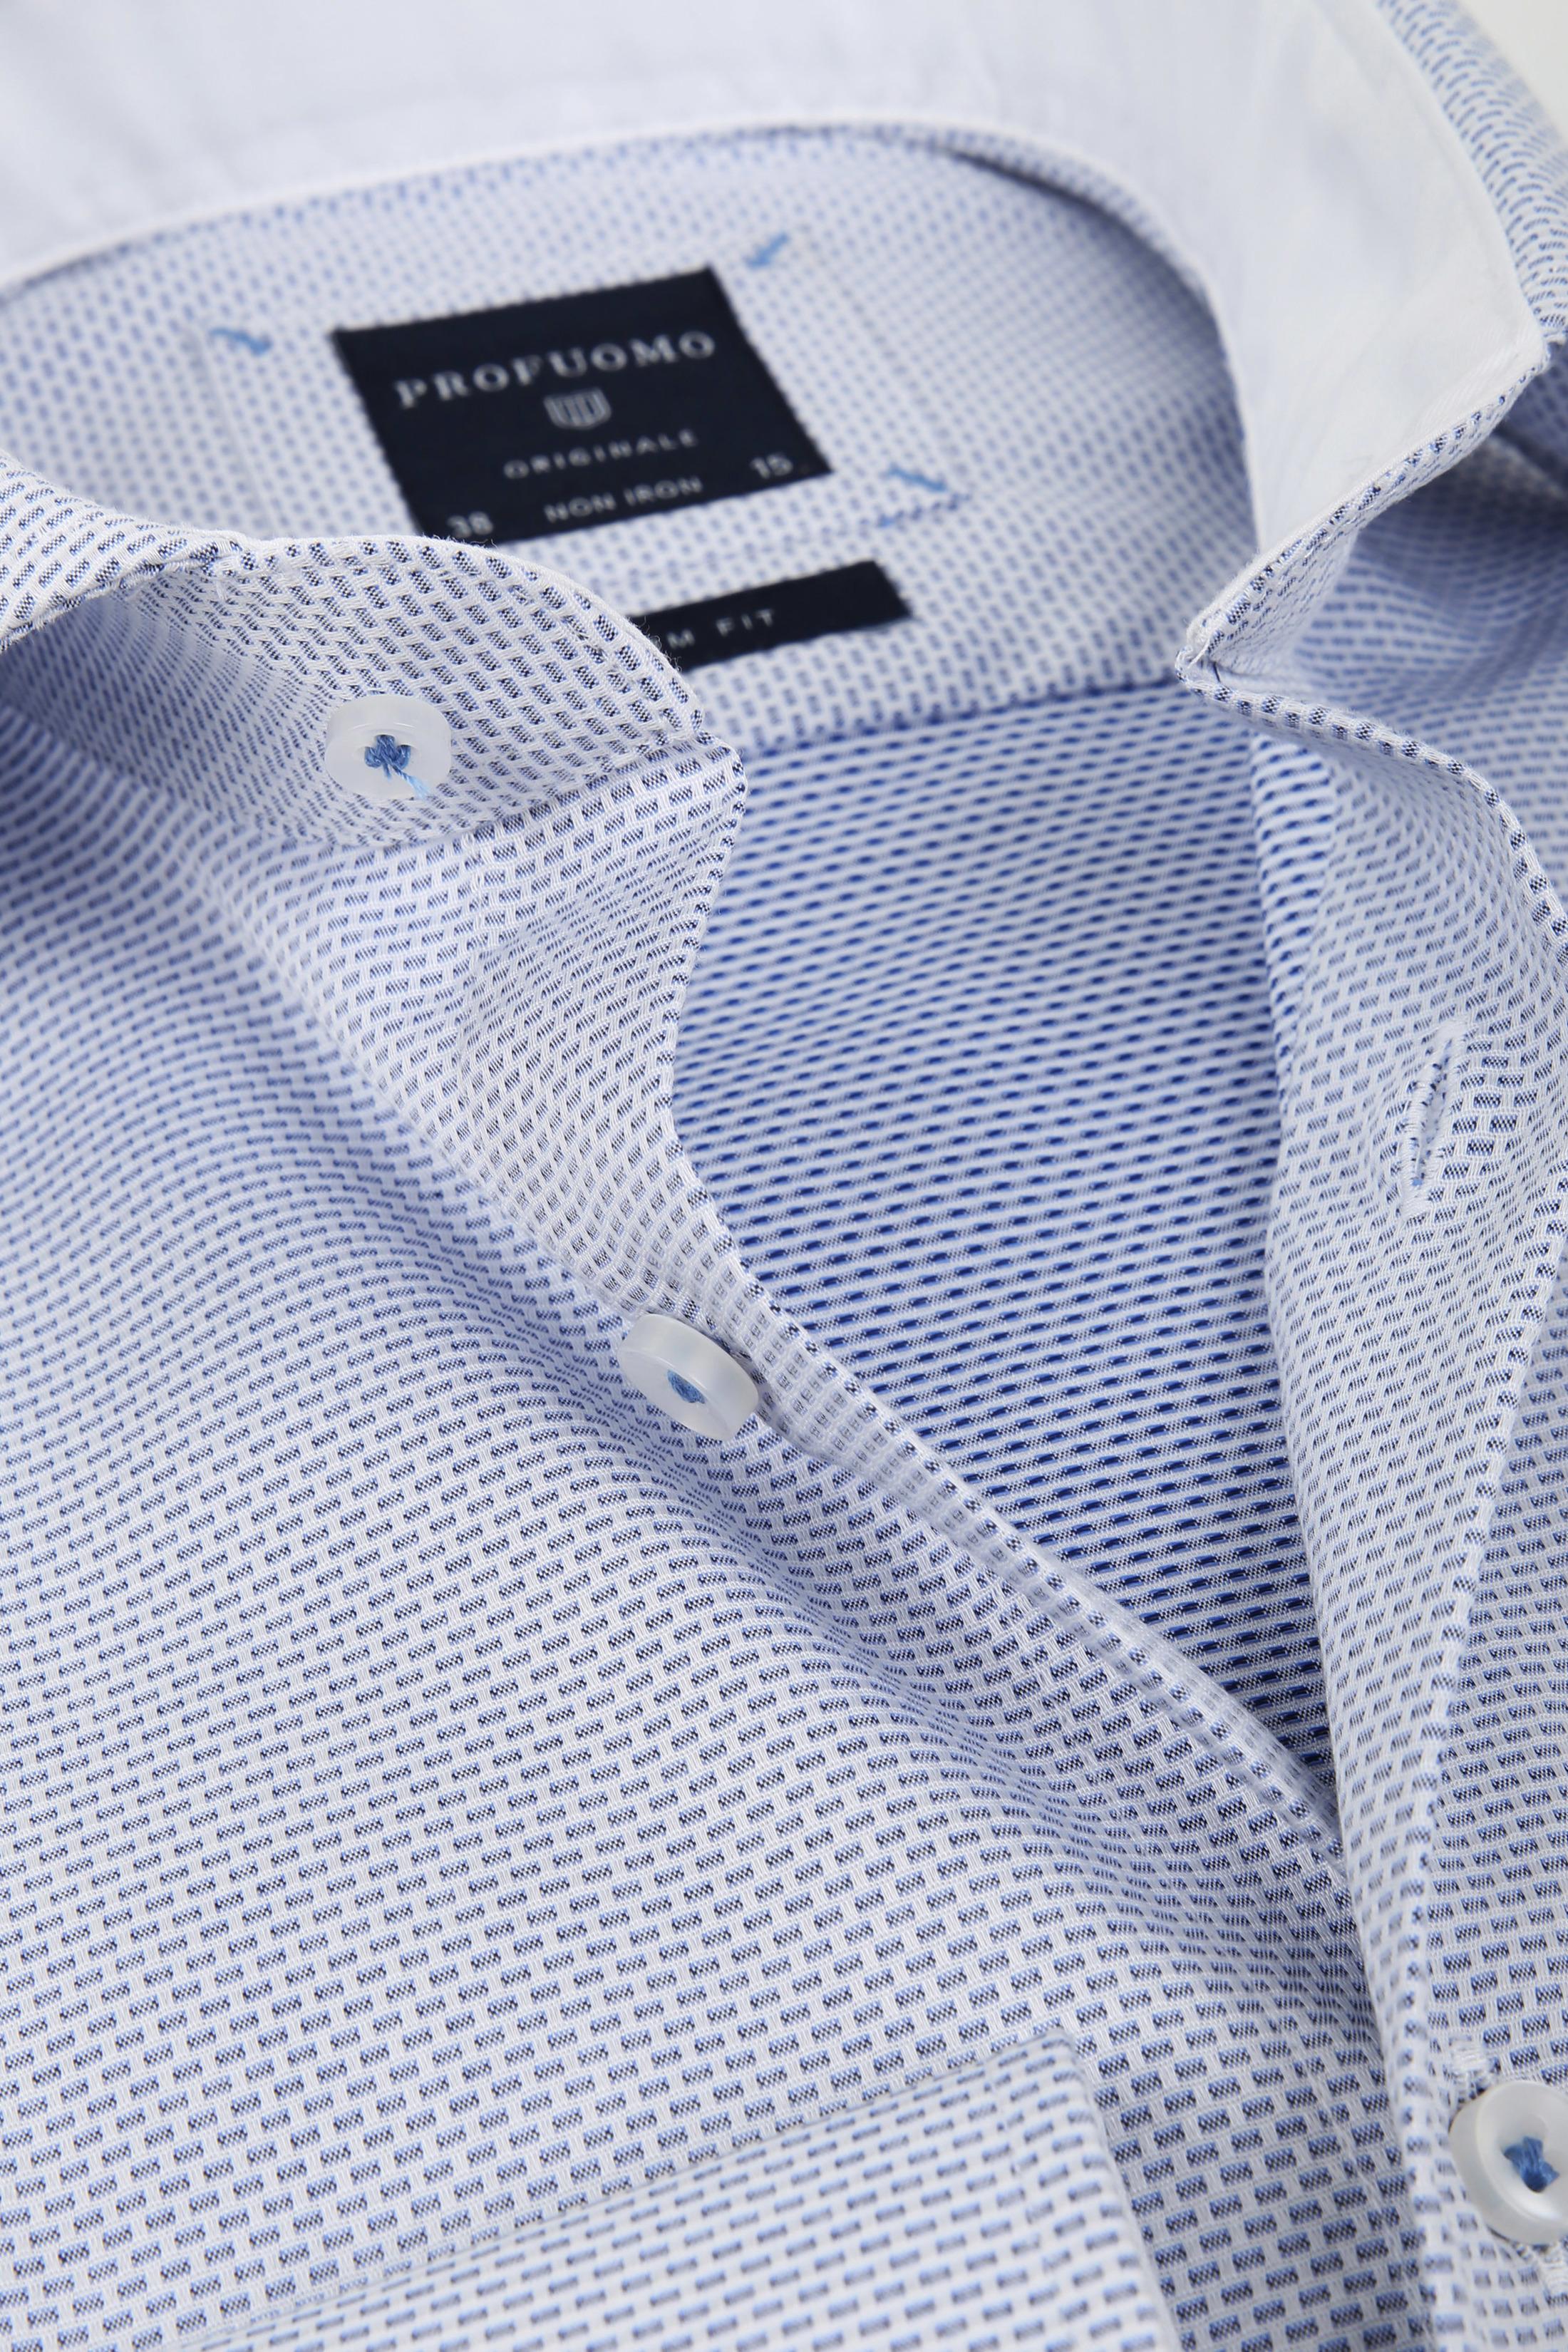 Profuomo Shirt Dessin Blue SF foto 1